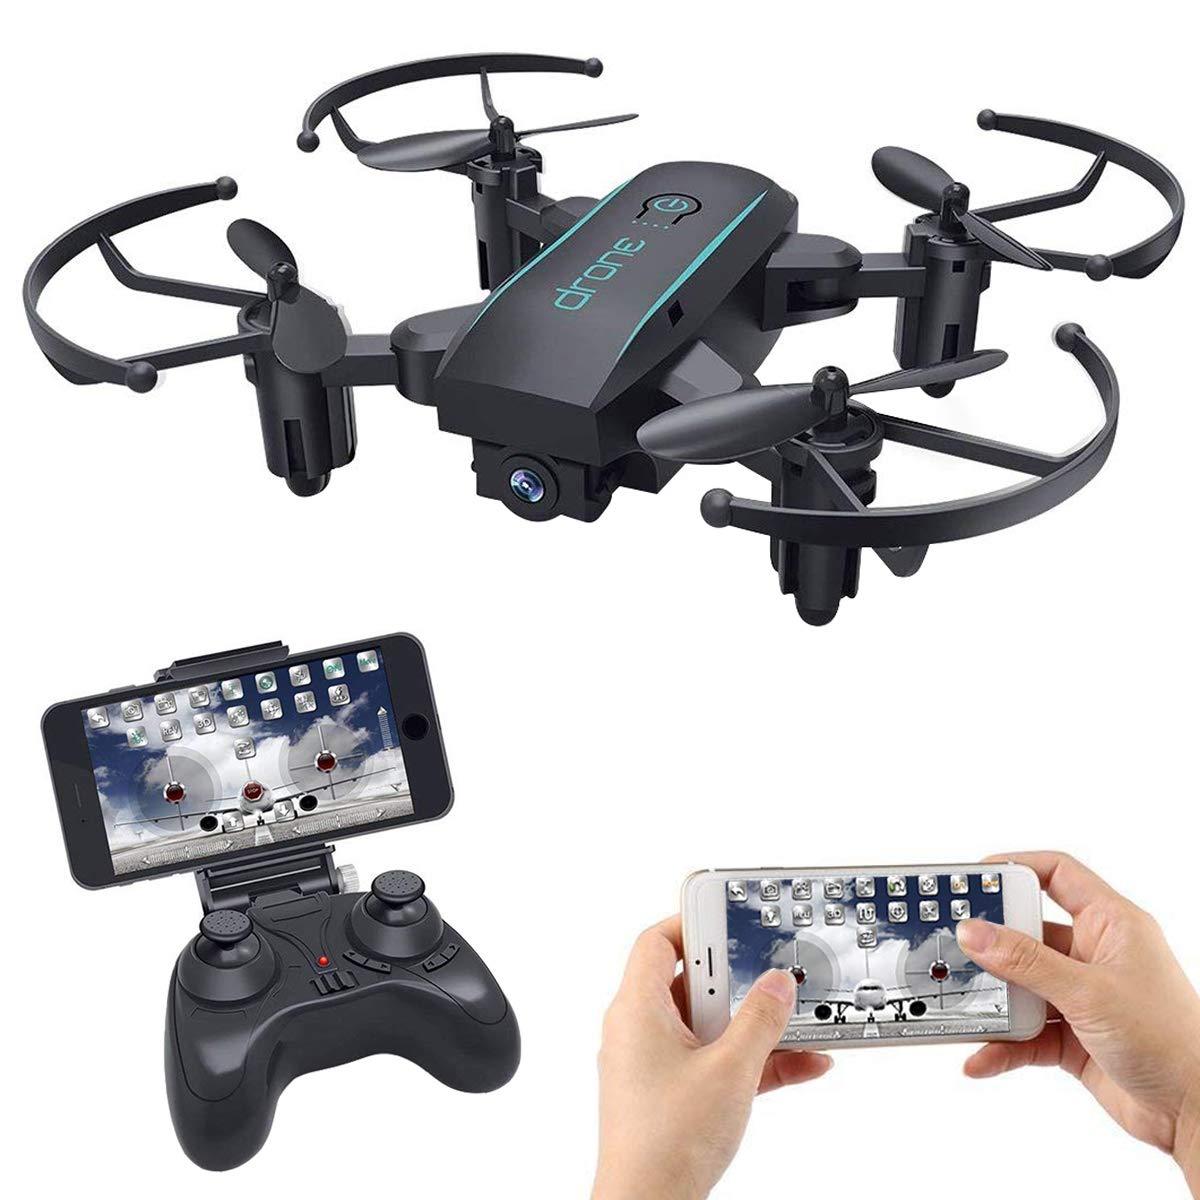 Mini Drone pour Cadeau de No/ël 2.4GHz 4 CH RTF Rc Elicottero Quaquot con Altitude Hold MakerStack Mini Drone FPV con WiFi Camera HD 720P Live Video Controllo vocale